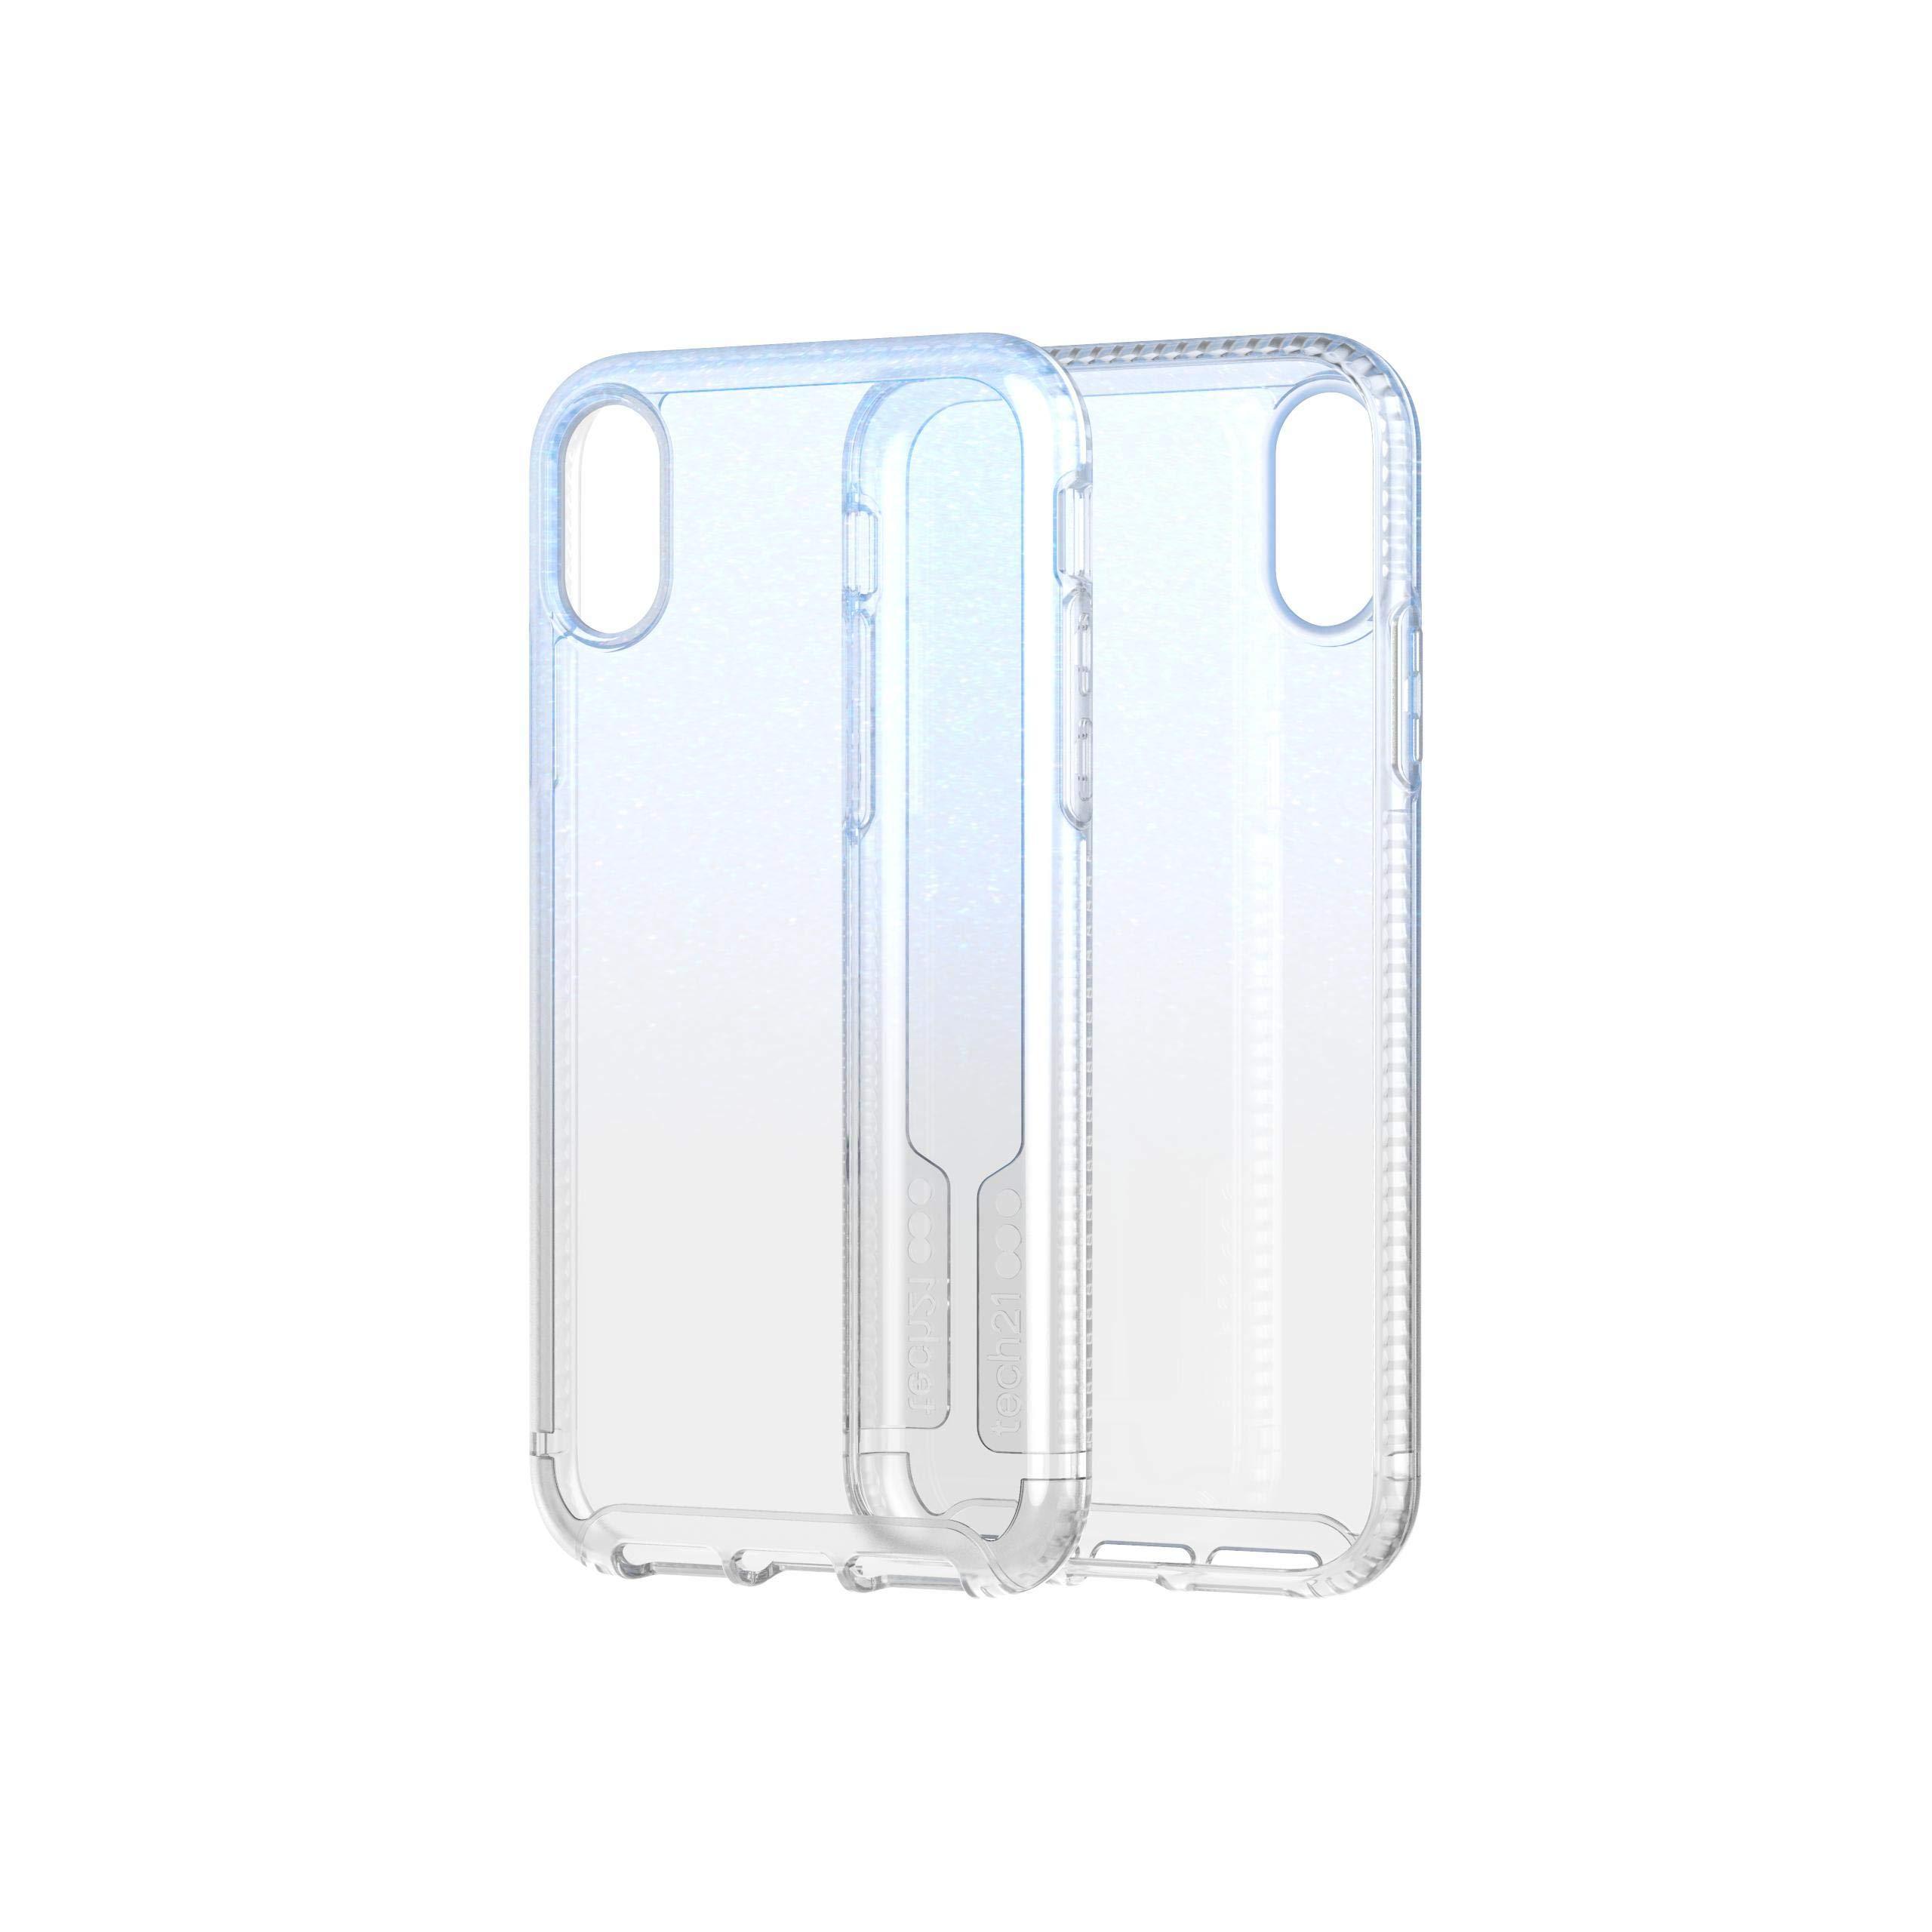 tech21 Pure Shimmer Funda Protectora para Apple iPhone XR: Amazon.es: Electrónica